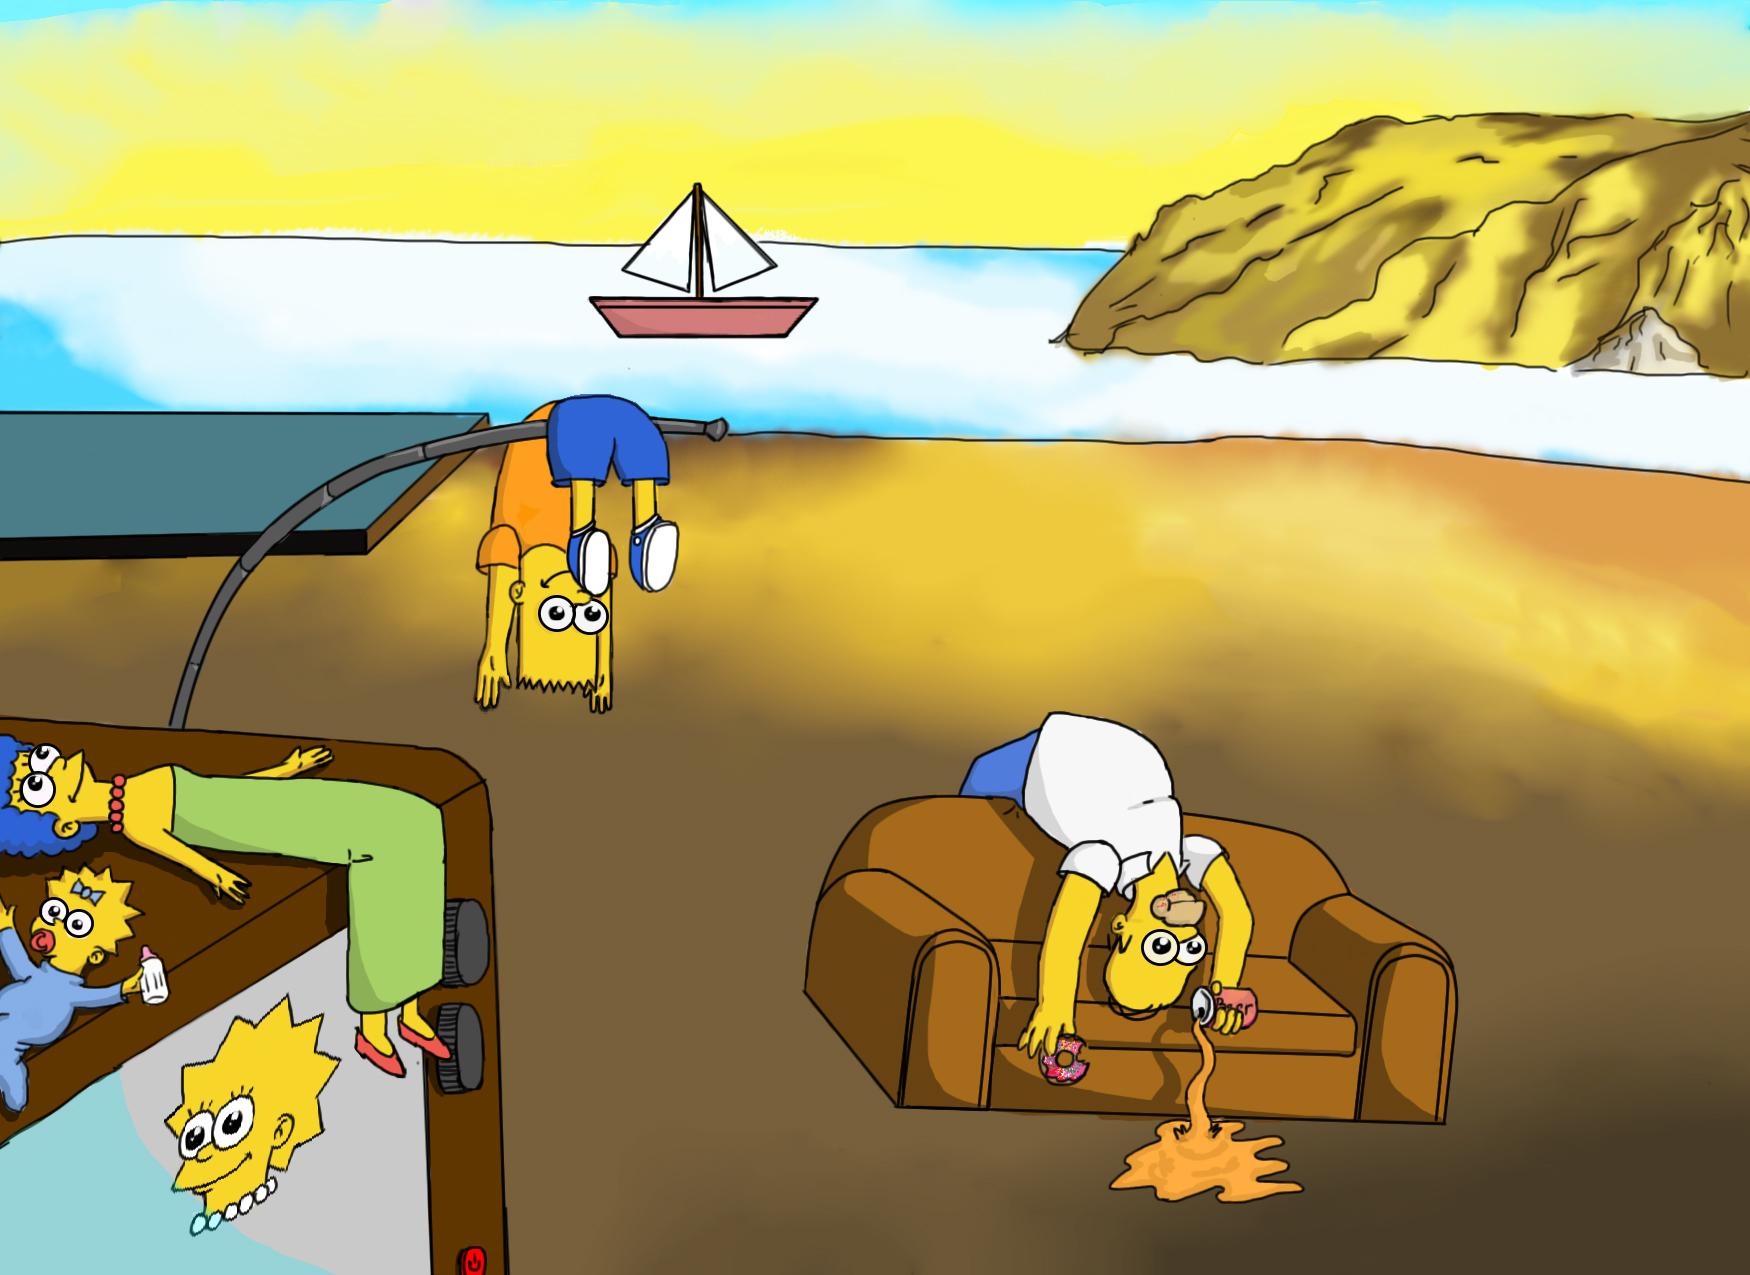 Simpsons/Memory Description by SALVADOR DALÍ